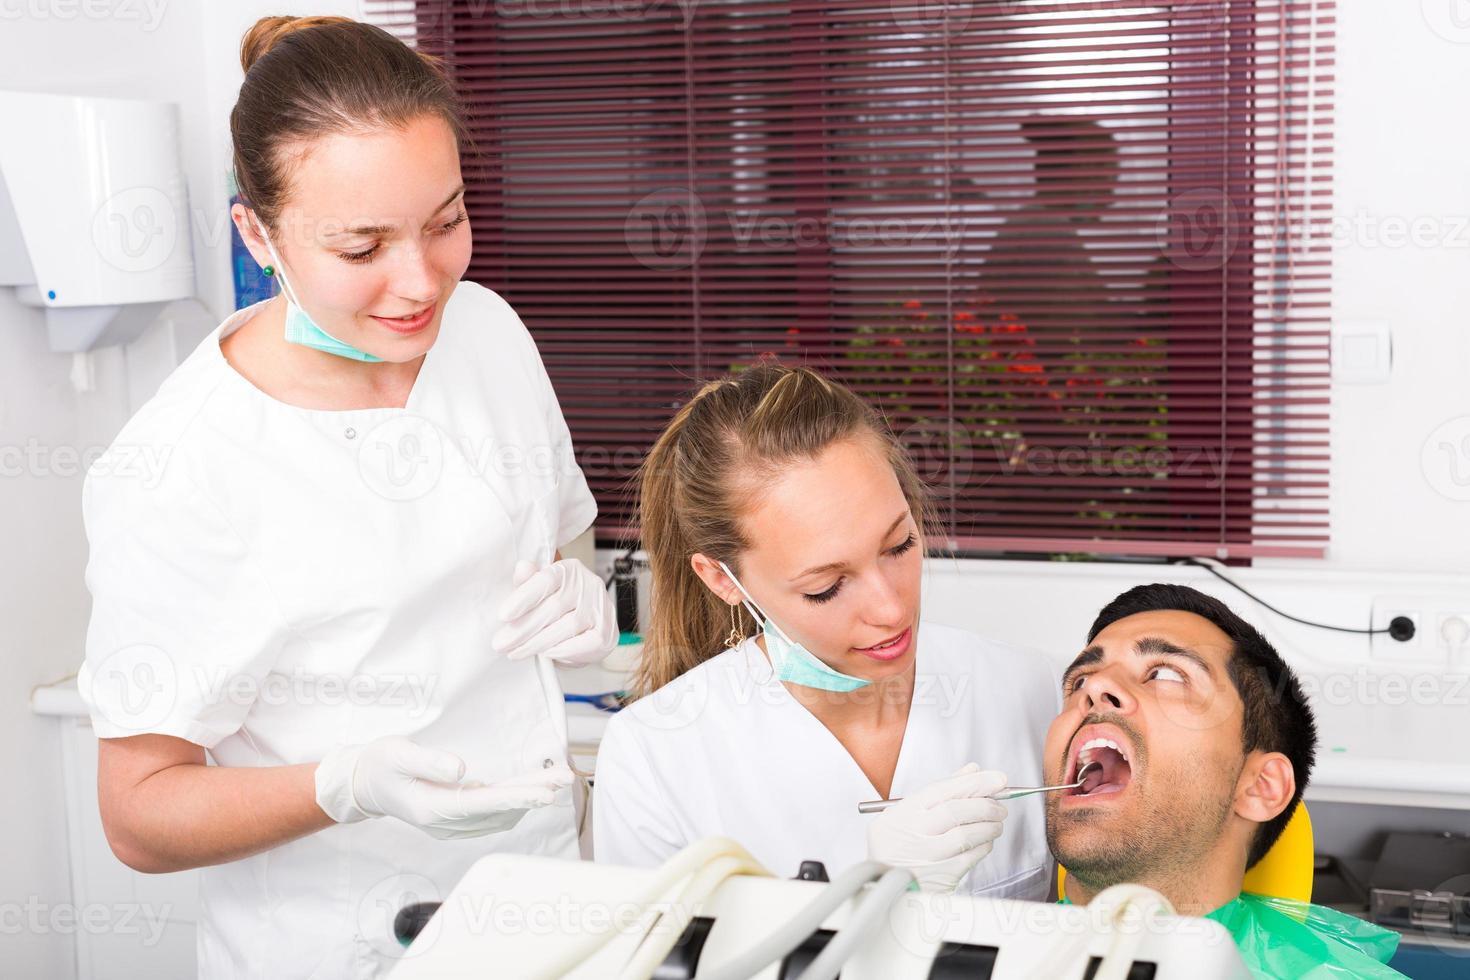 dentiste examine le patient à la clinique photo